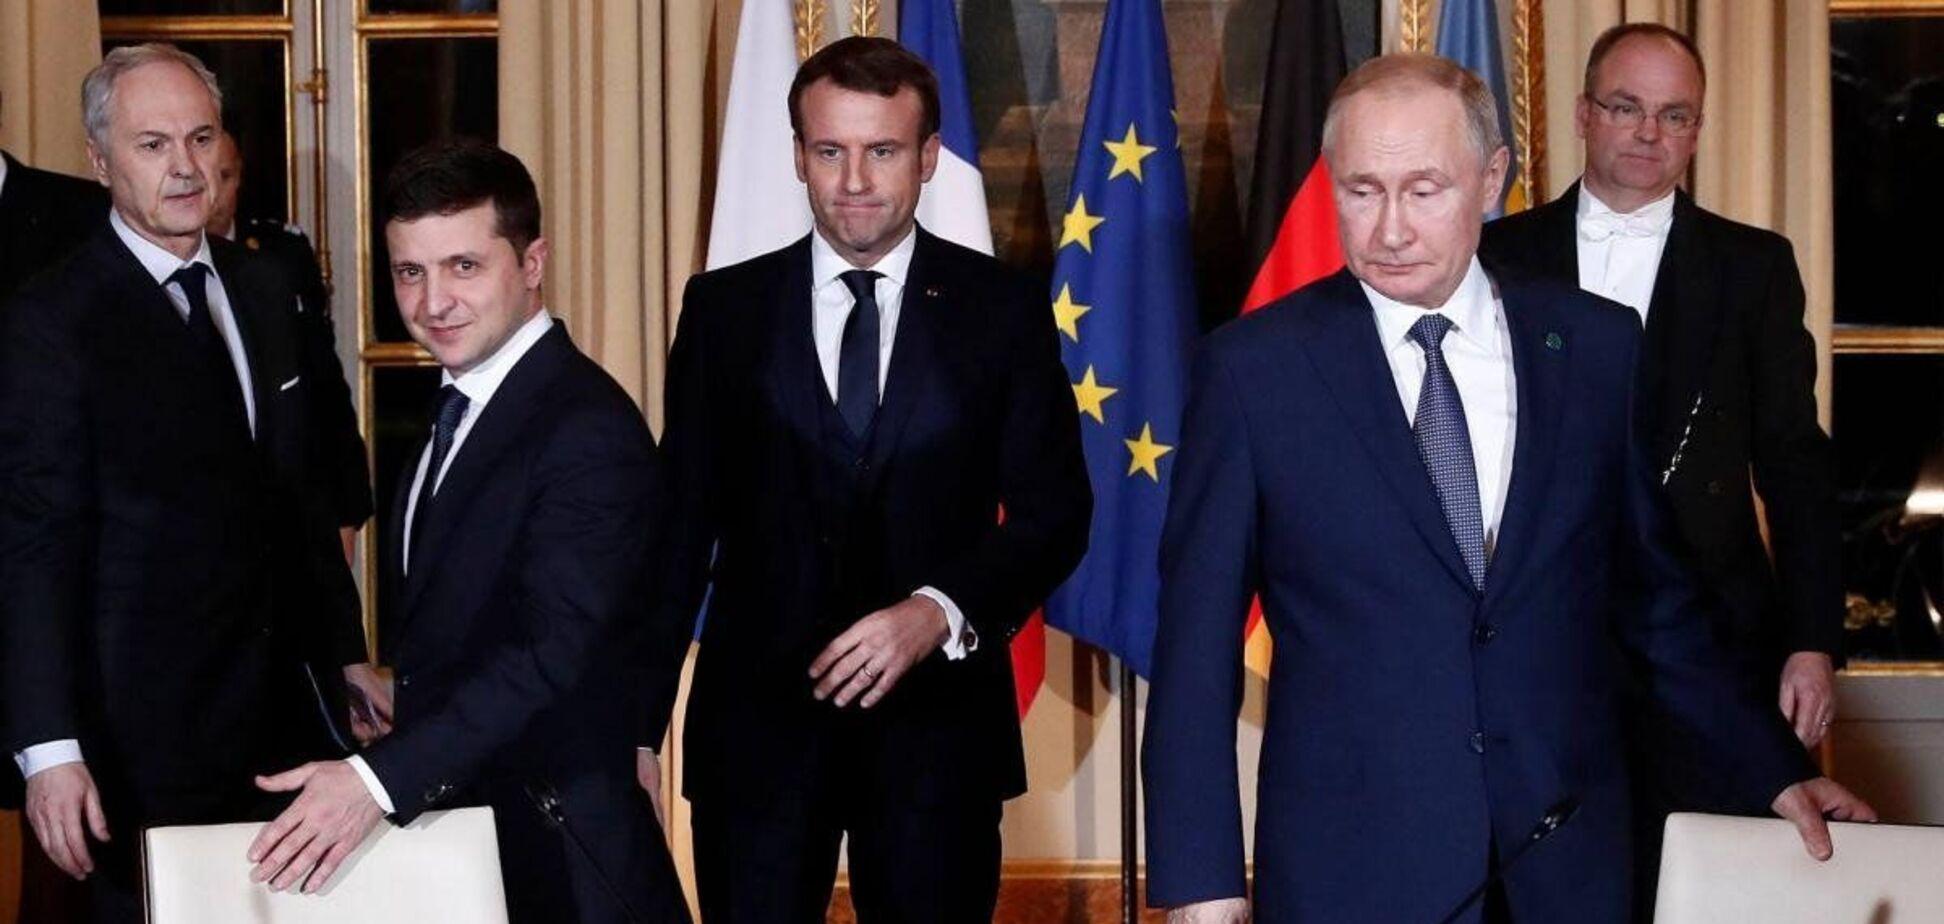 Годовщина парижского саммита. Кремль все надеется решить вопрос с 'Л/ДНР' по формуле Молотова — Риббентропа